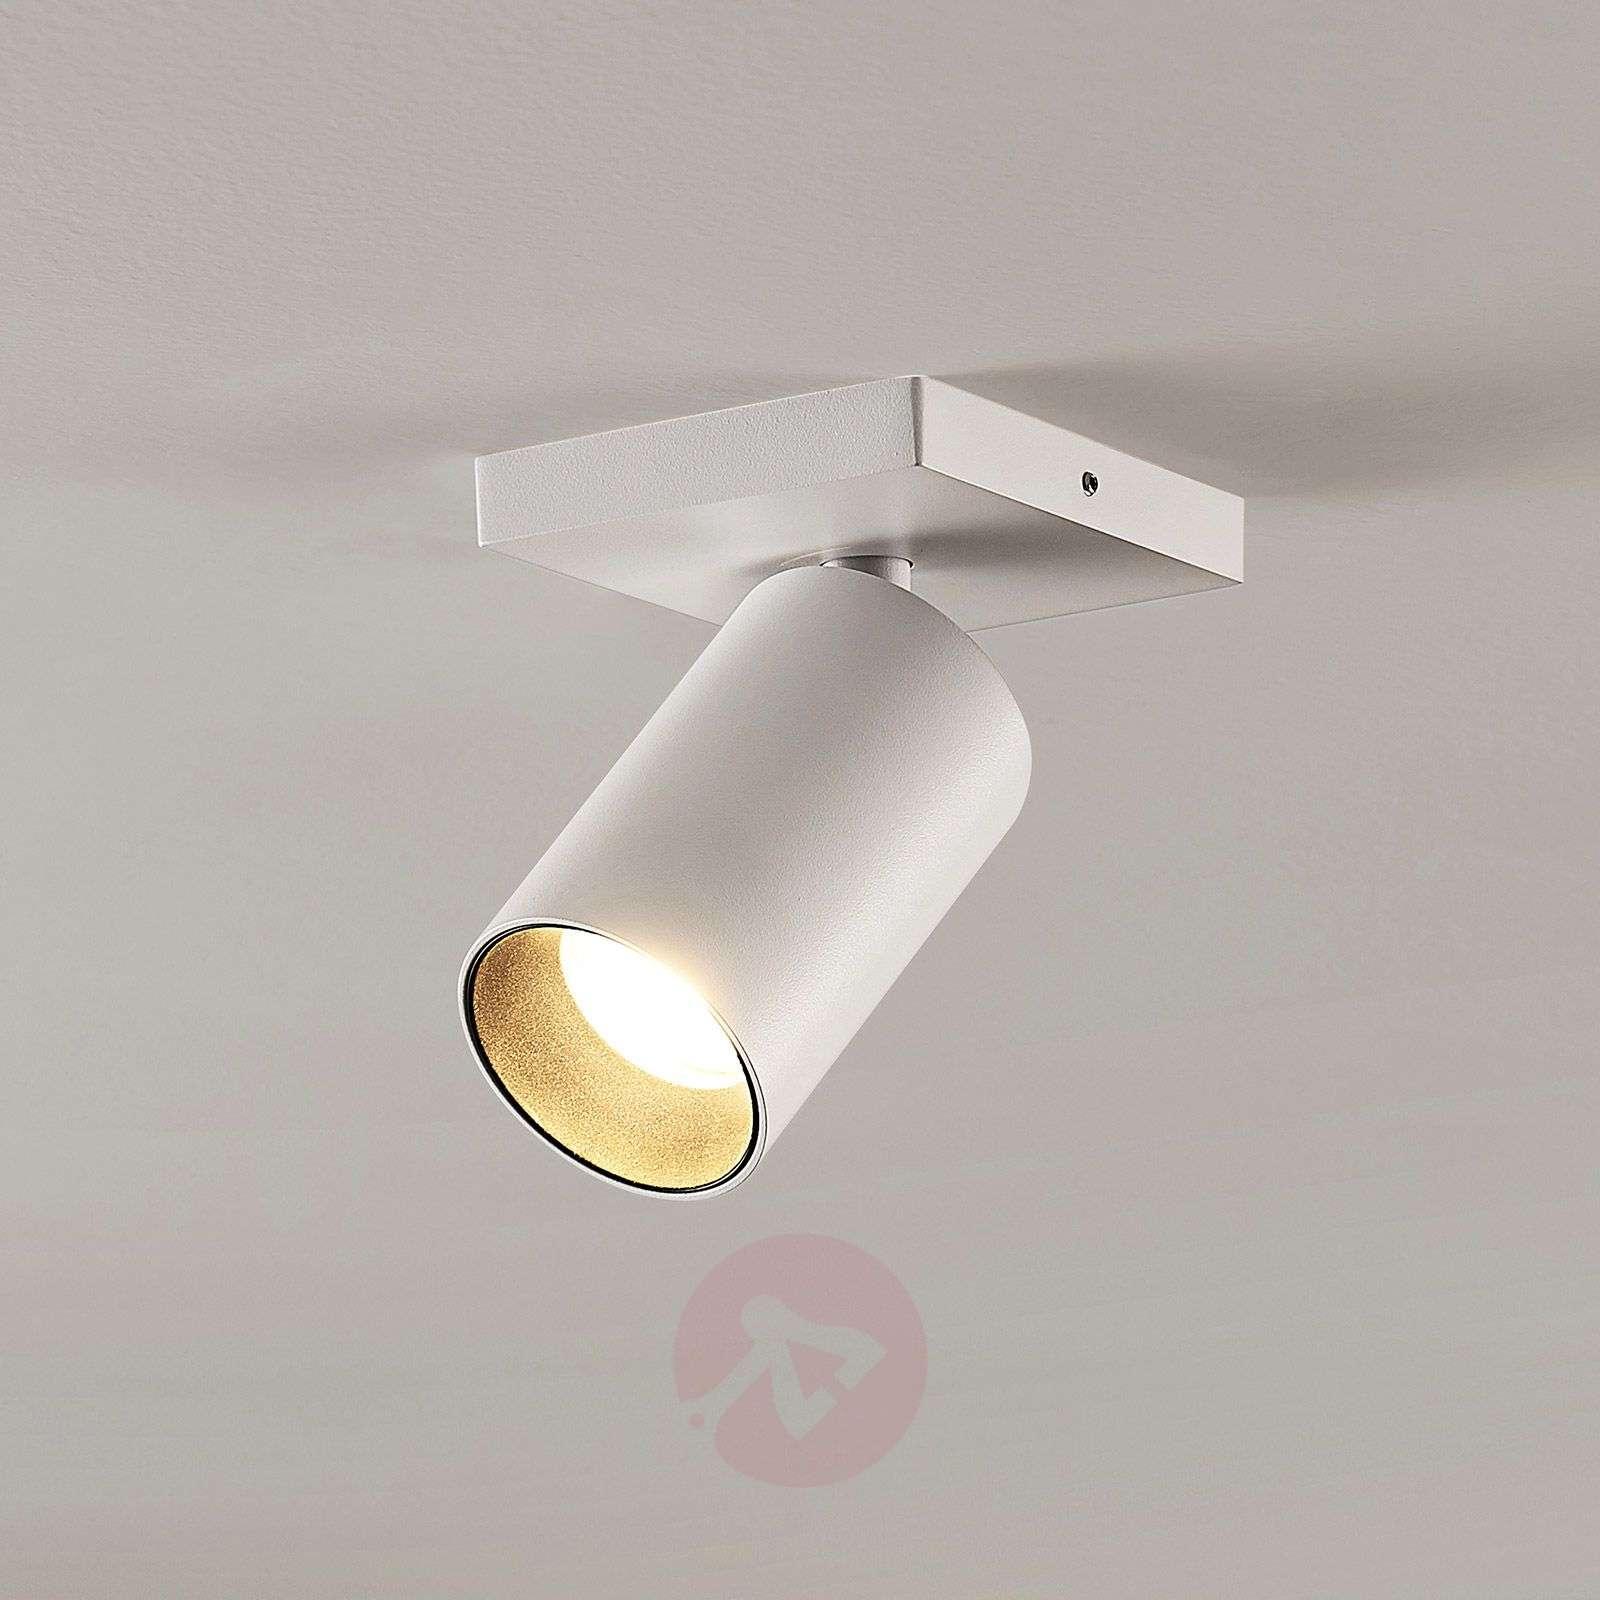 Kohdevalo Brinja GU10 valkoinen 1 lamppu kulmikas-9928011-01